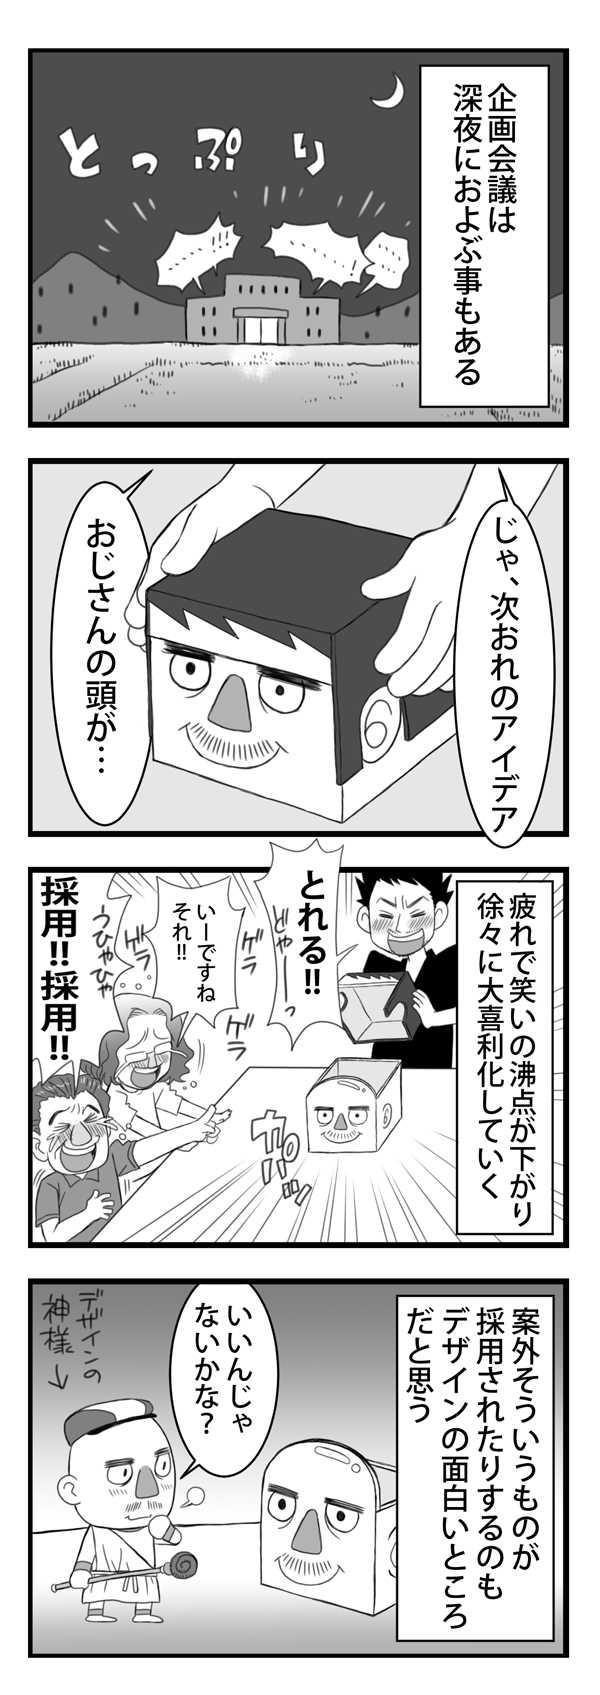 〜深夜会議の危うさ〜